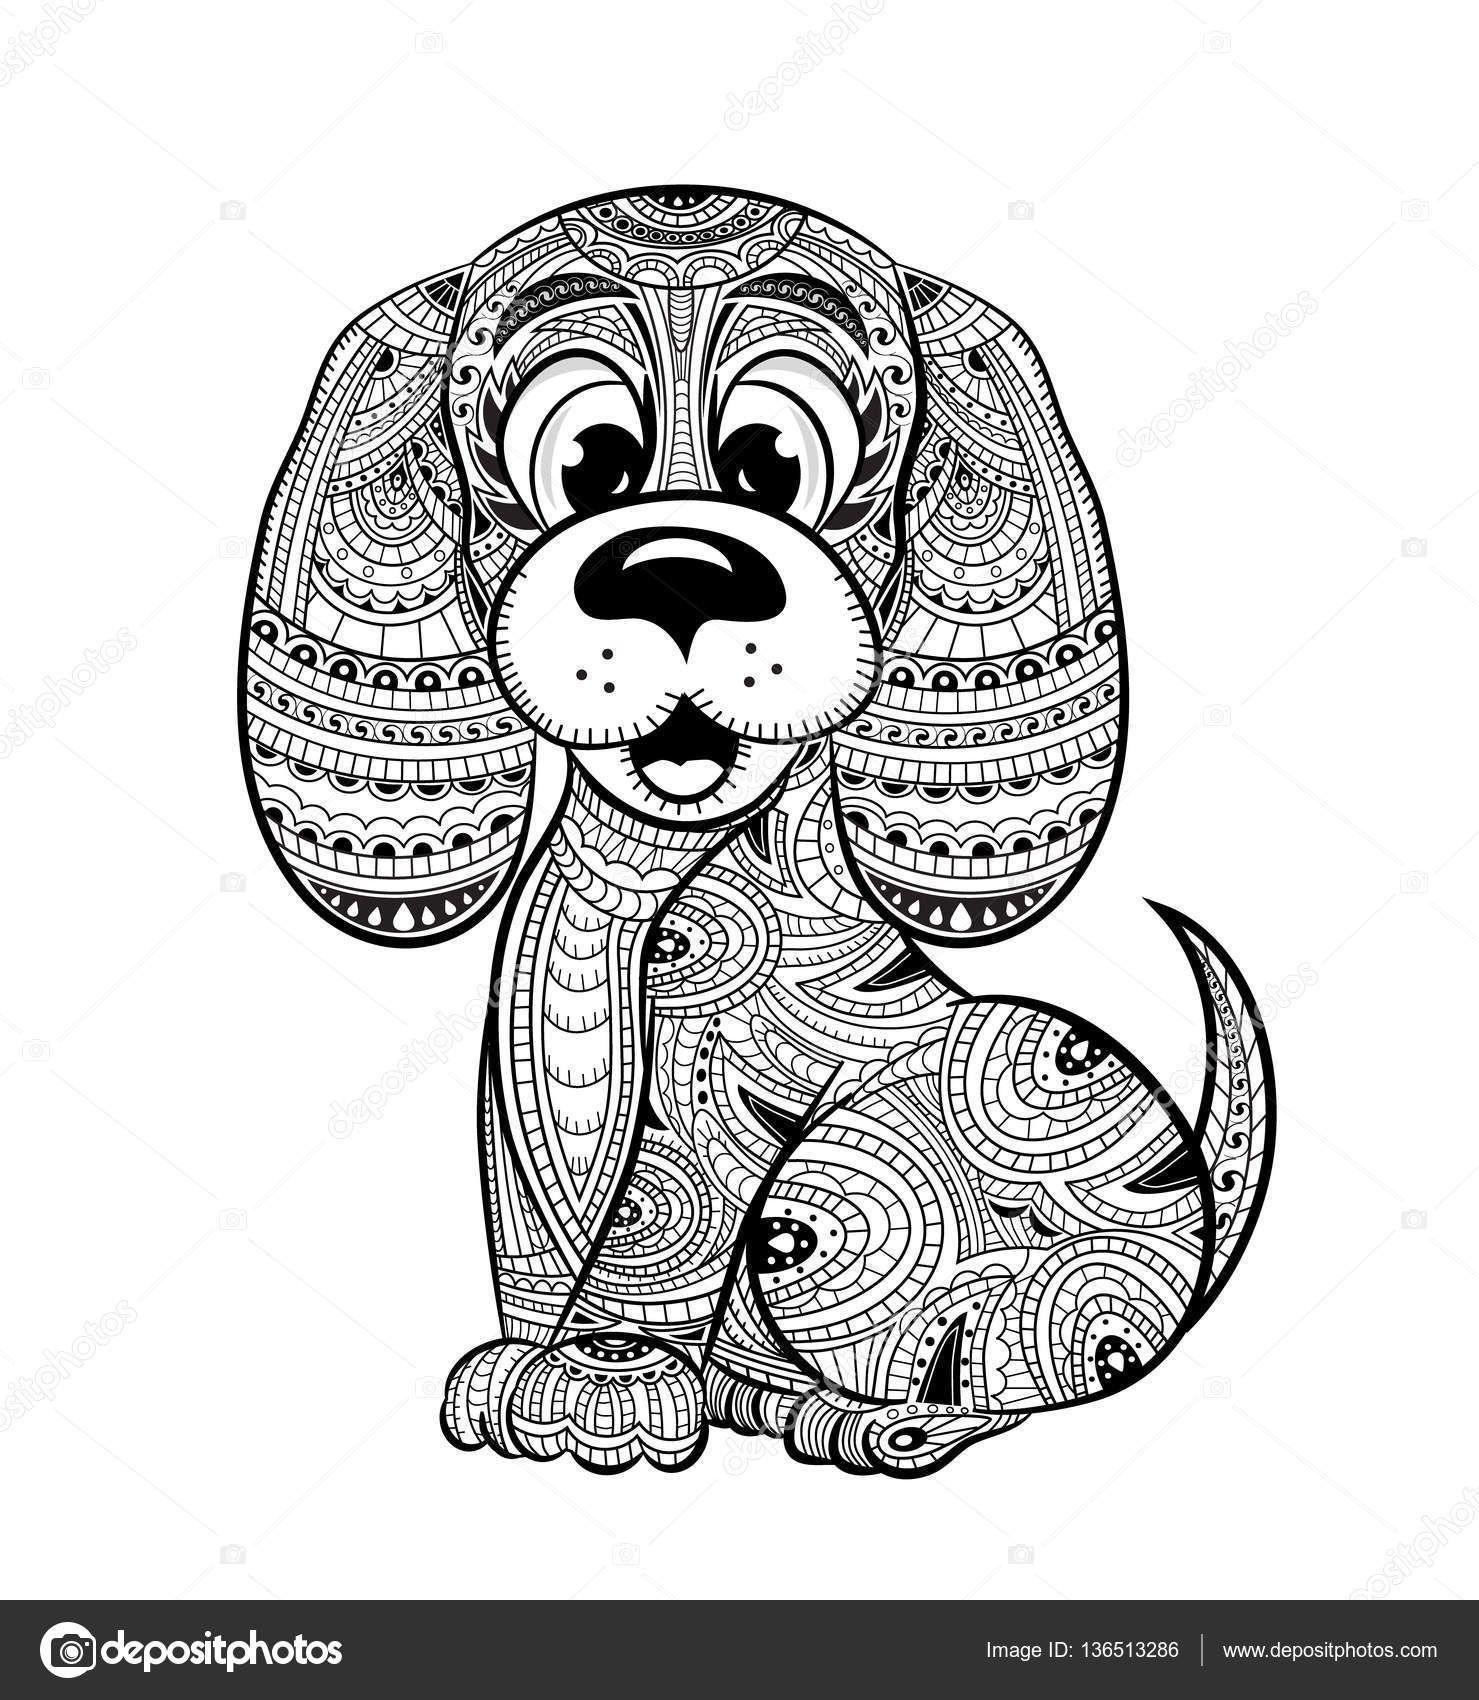 Descargar Libro De Perro Anti Stress Para Colorear Para Adultos